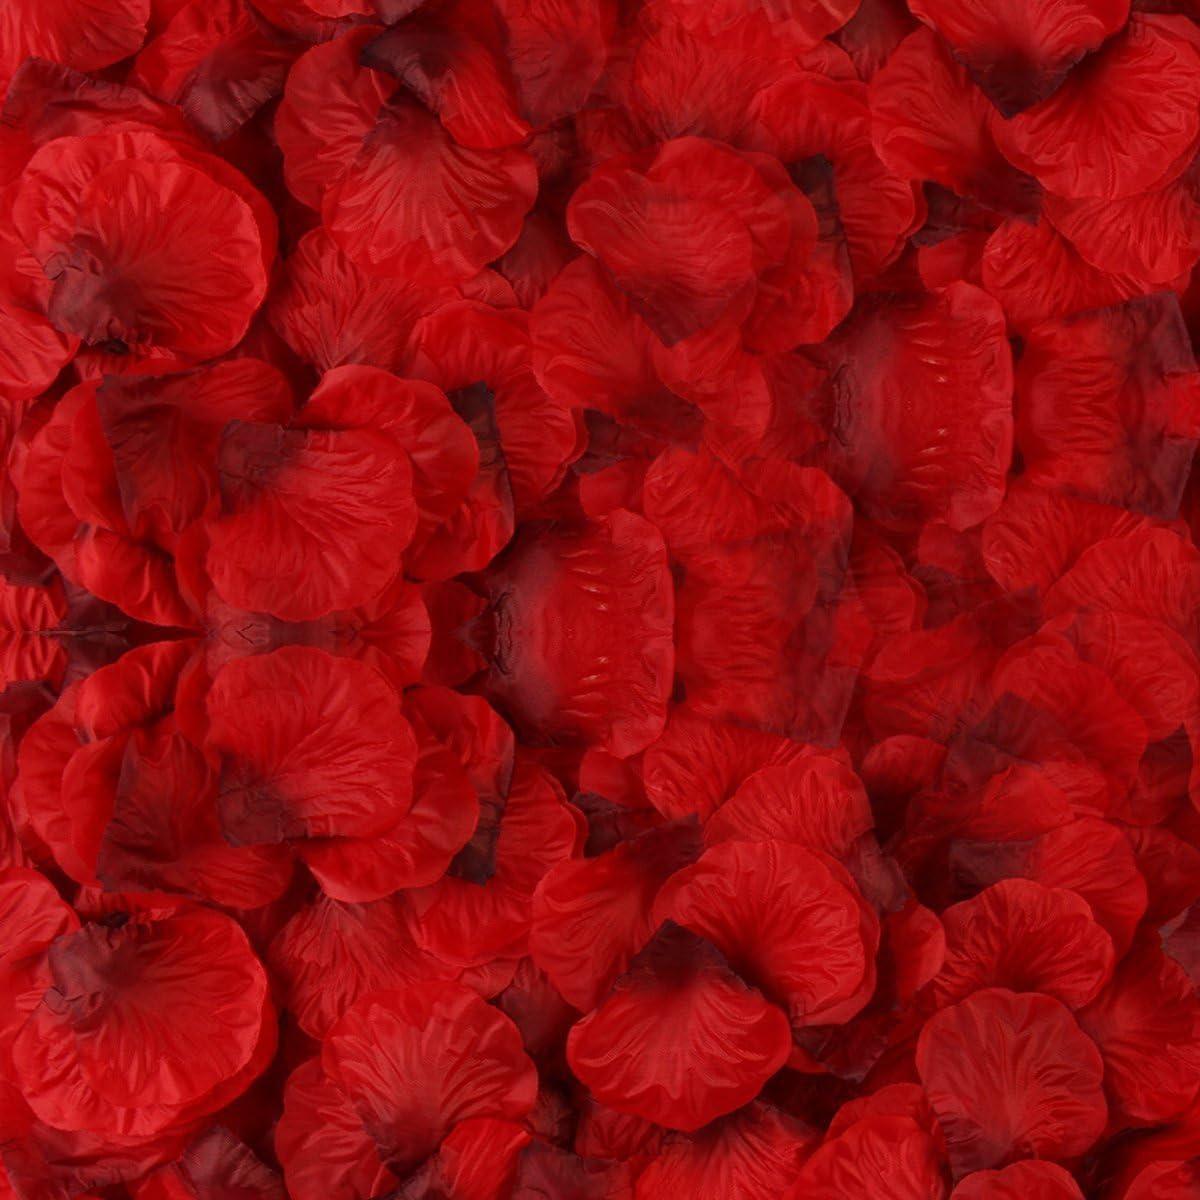 100 FABRIC ARTIFICIAL ROSE PETALS-GOLD